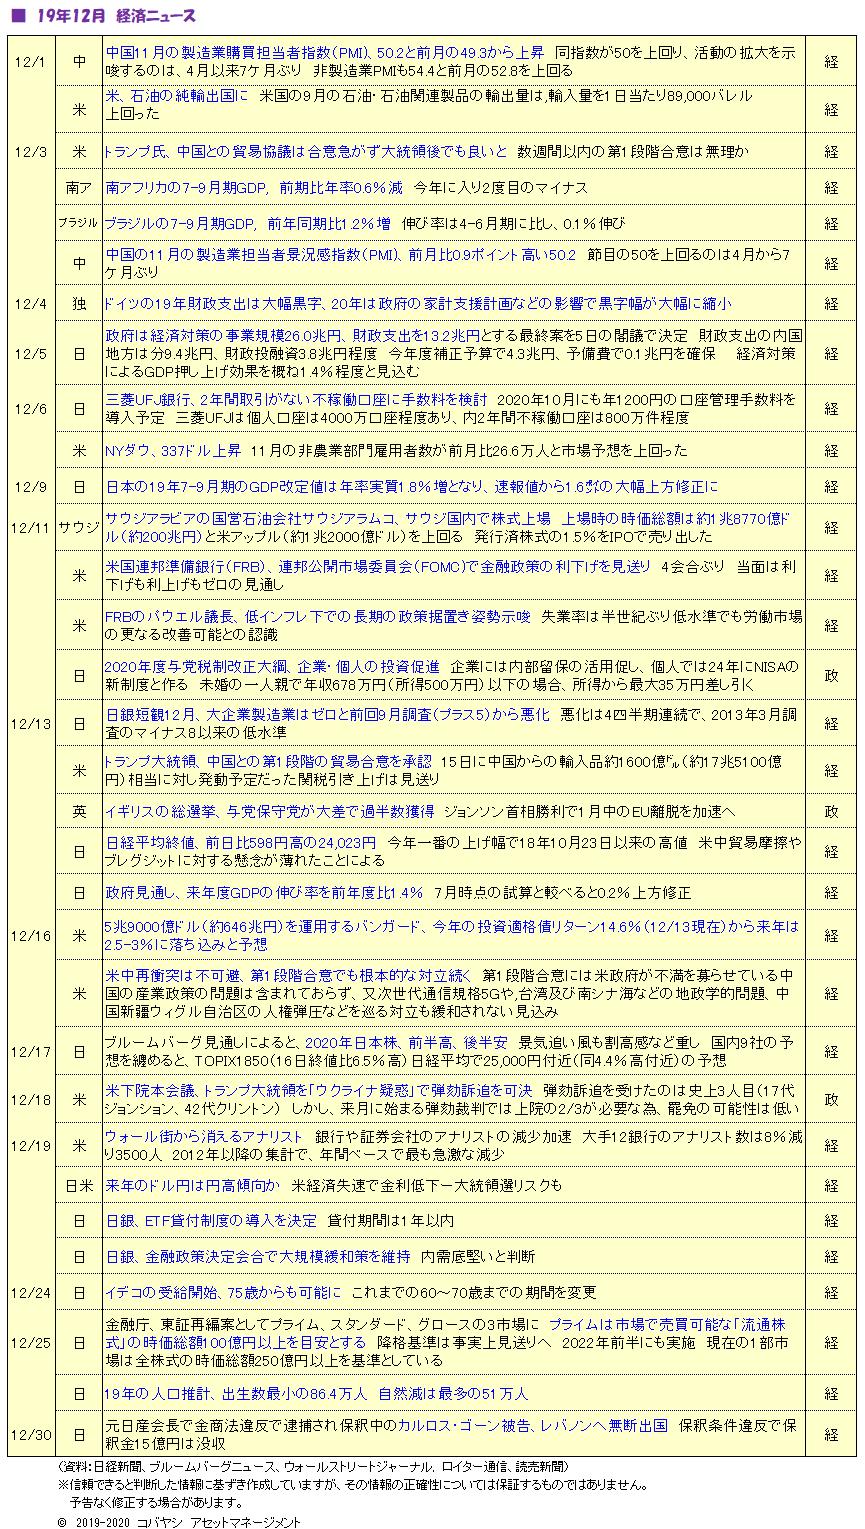 '2001_経済ニュース